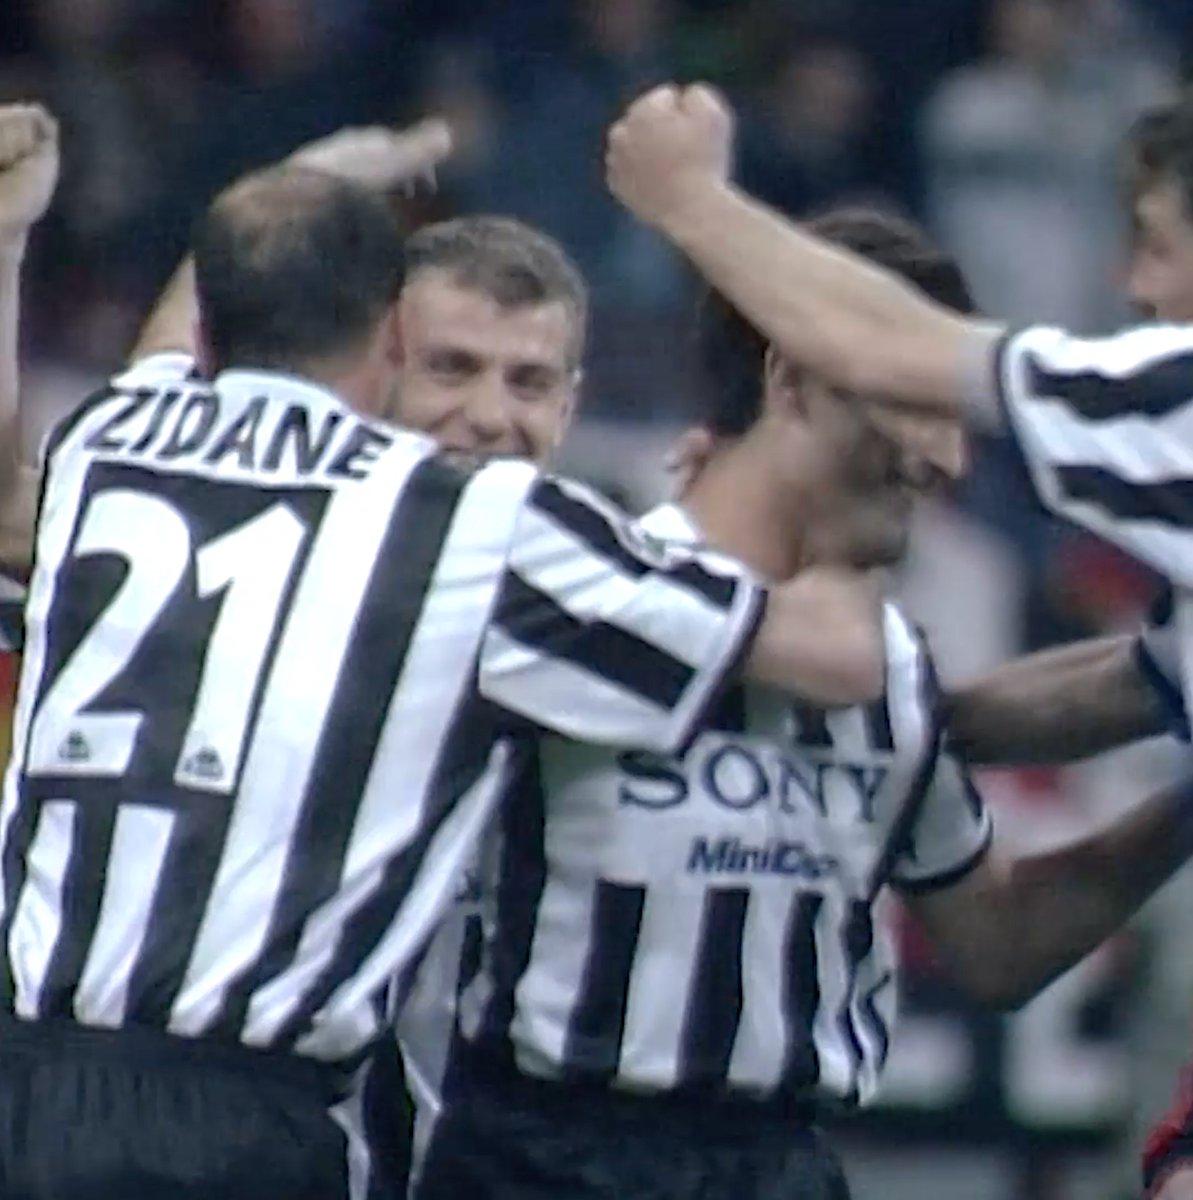 ⚽️ 19' Jugovic ⚽️ 32' Zidane ⚽️ 50' Jugovic ⚽️ 71' Vieri ⚽️ 73' Amoruso ⚽️ 81' Vieri   Para recordar: #NesteDia marcamos SEIS gols no San Siro! 🔥 #MilanJuve #ForzaJuve